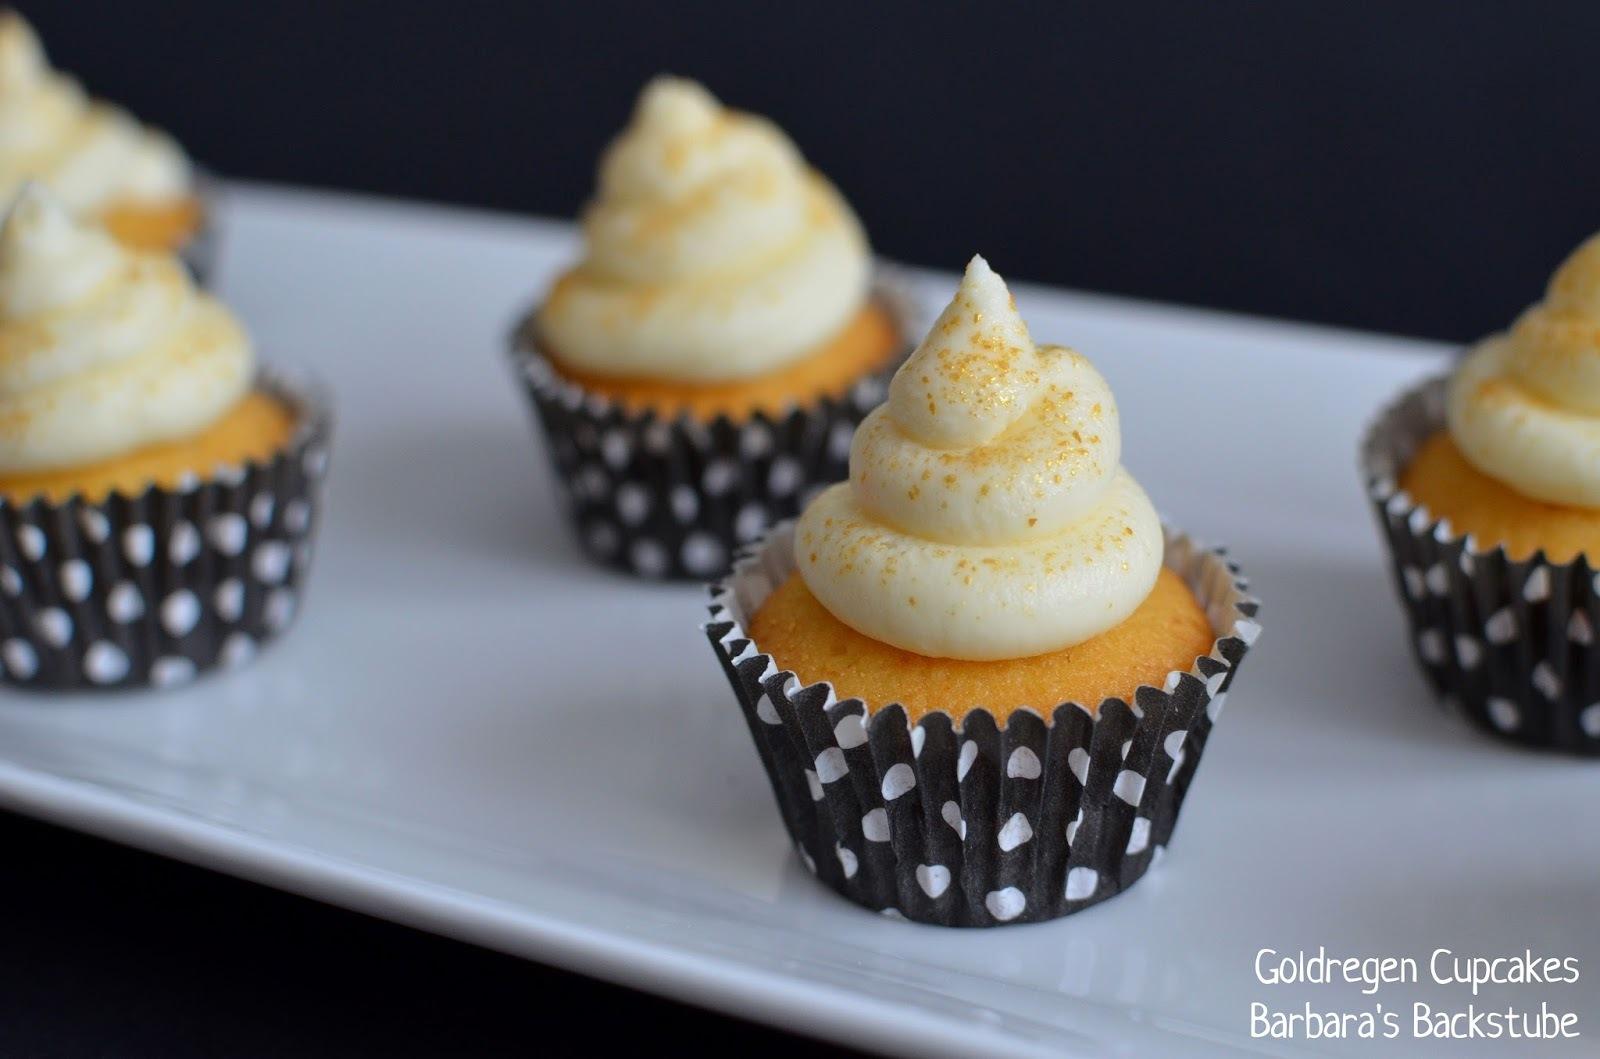 süss-saure Goldregen Cupcakes - und: Sirup zu gewinnen!